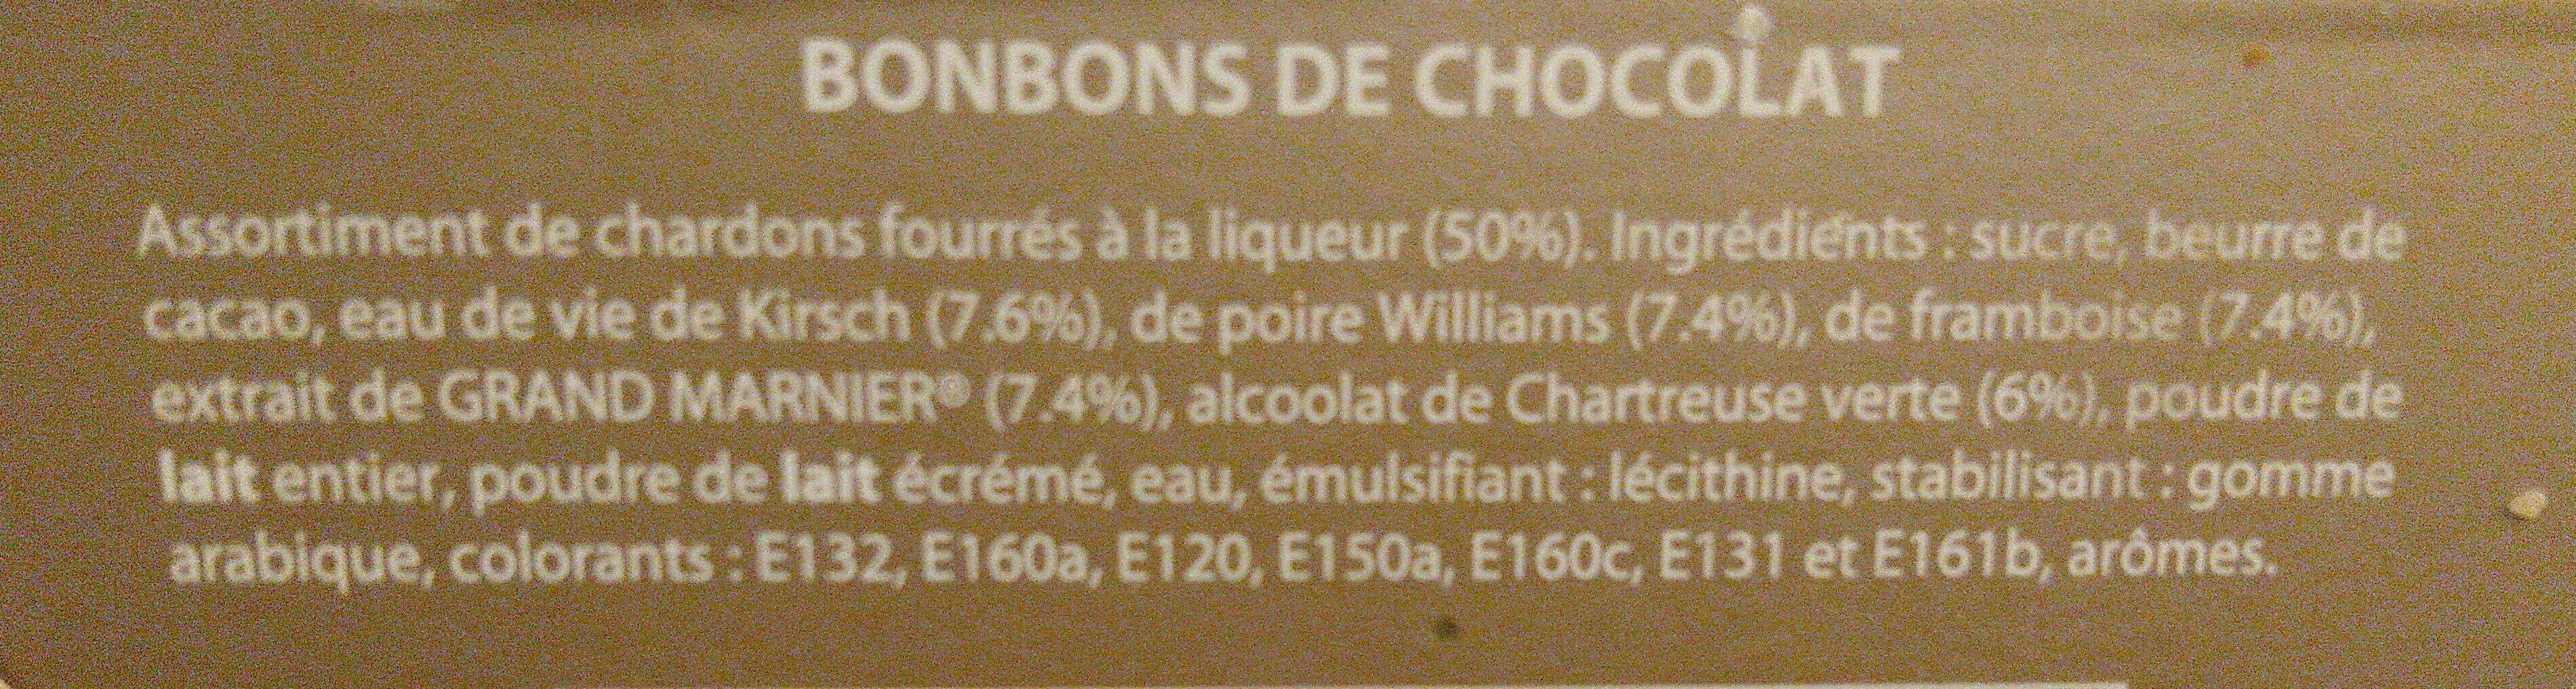 Chardons à la liqueur - Ingredients